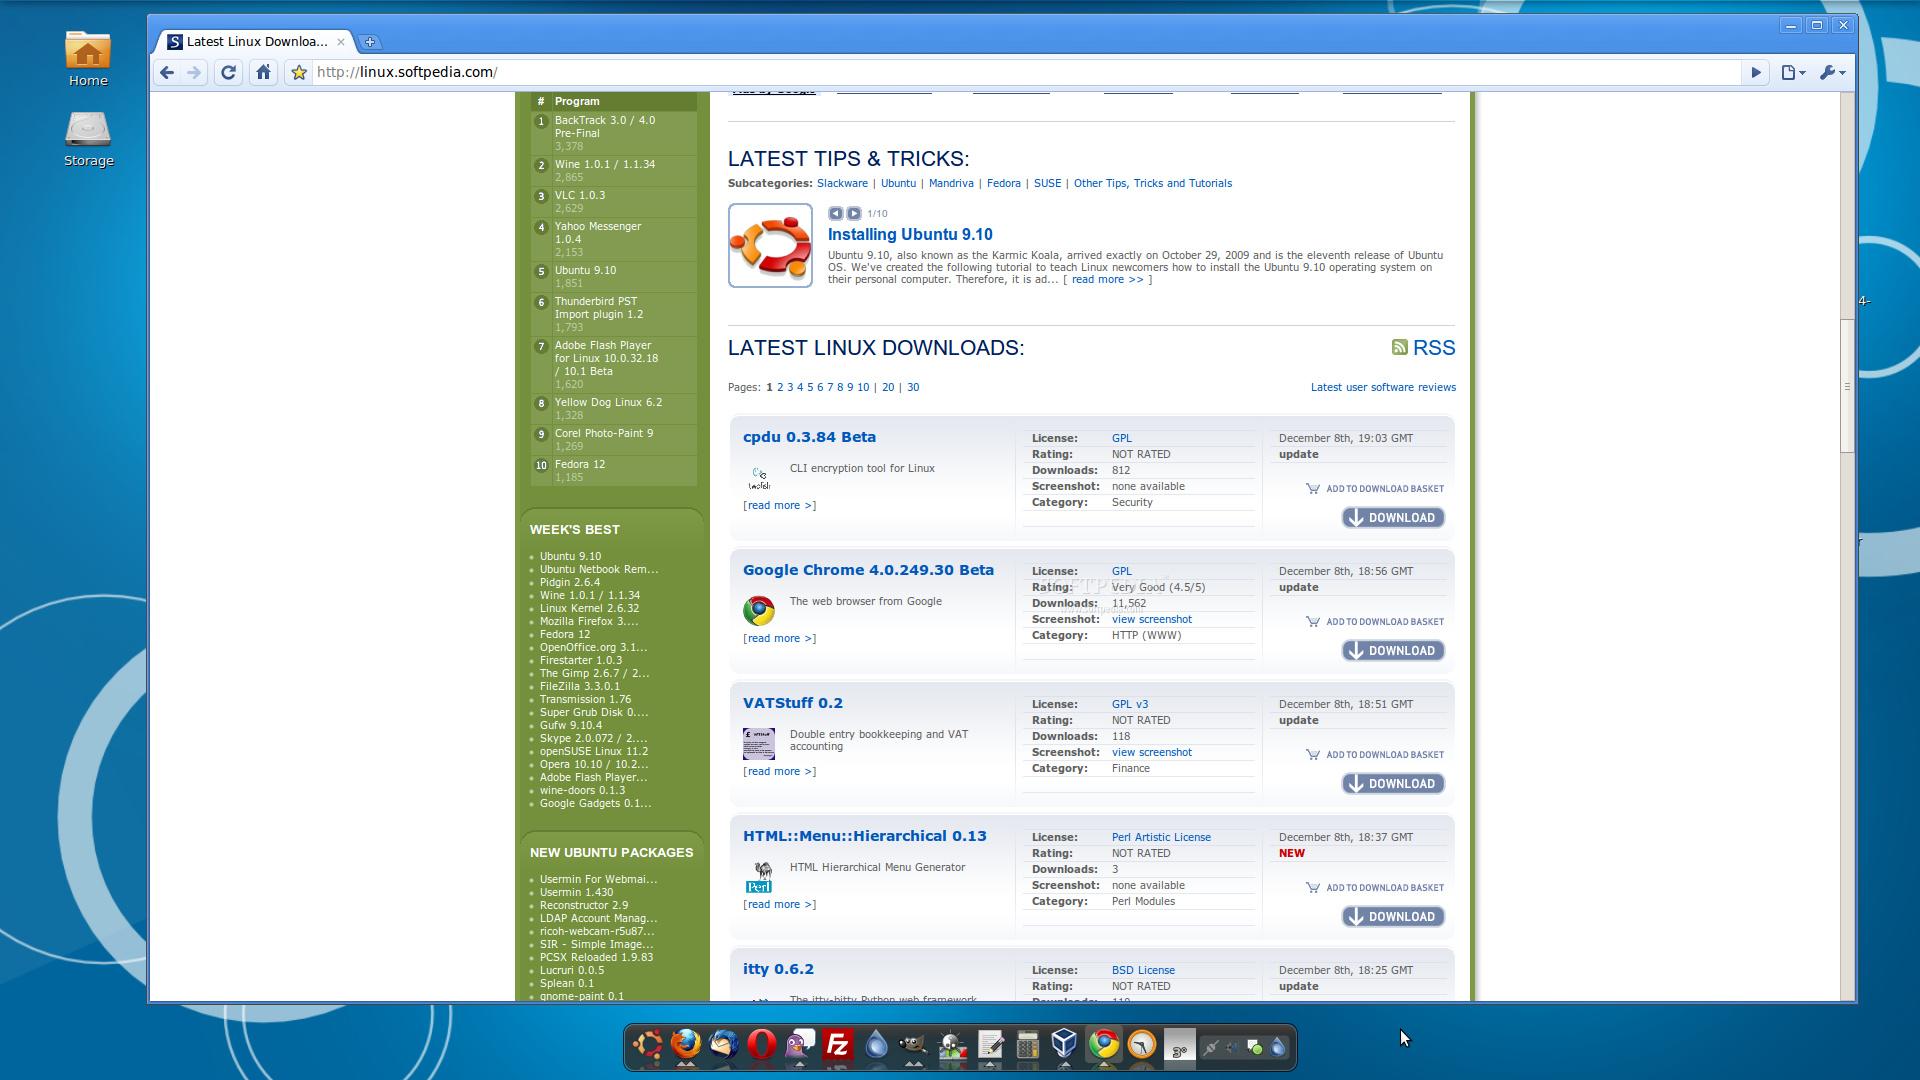 Google Chrome 4 0 Beta for Linux Arrives